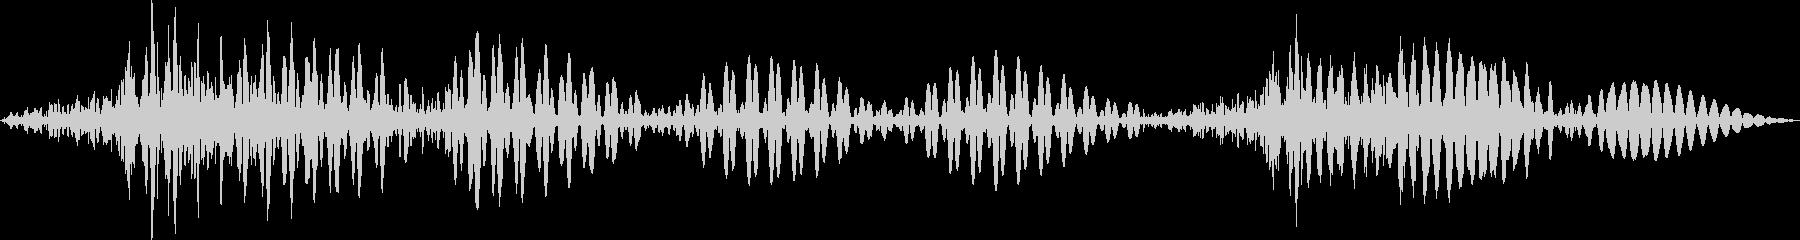 SFテキストトーンマテリアライズの未再生の波形